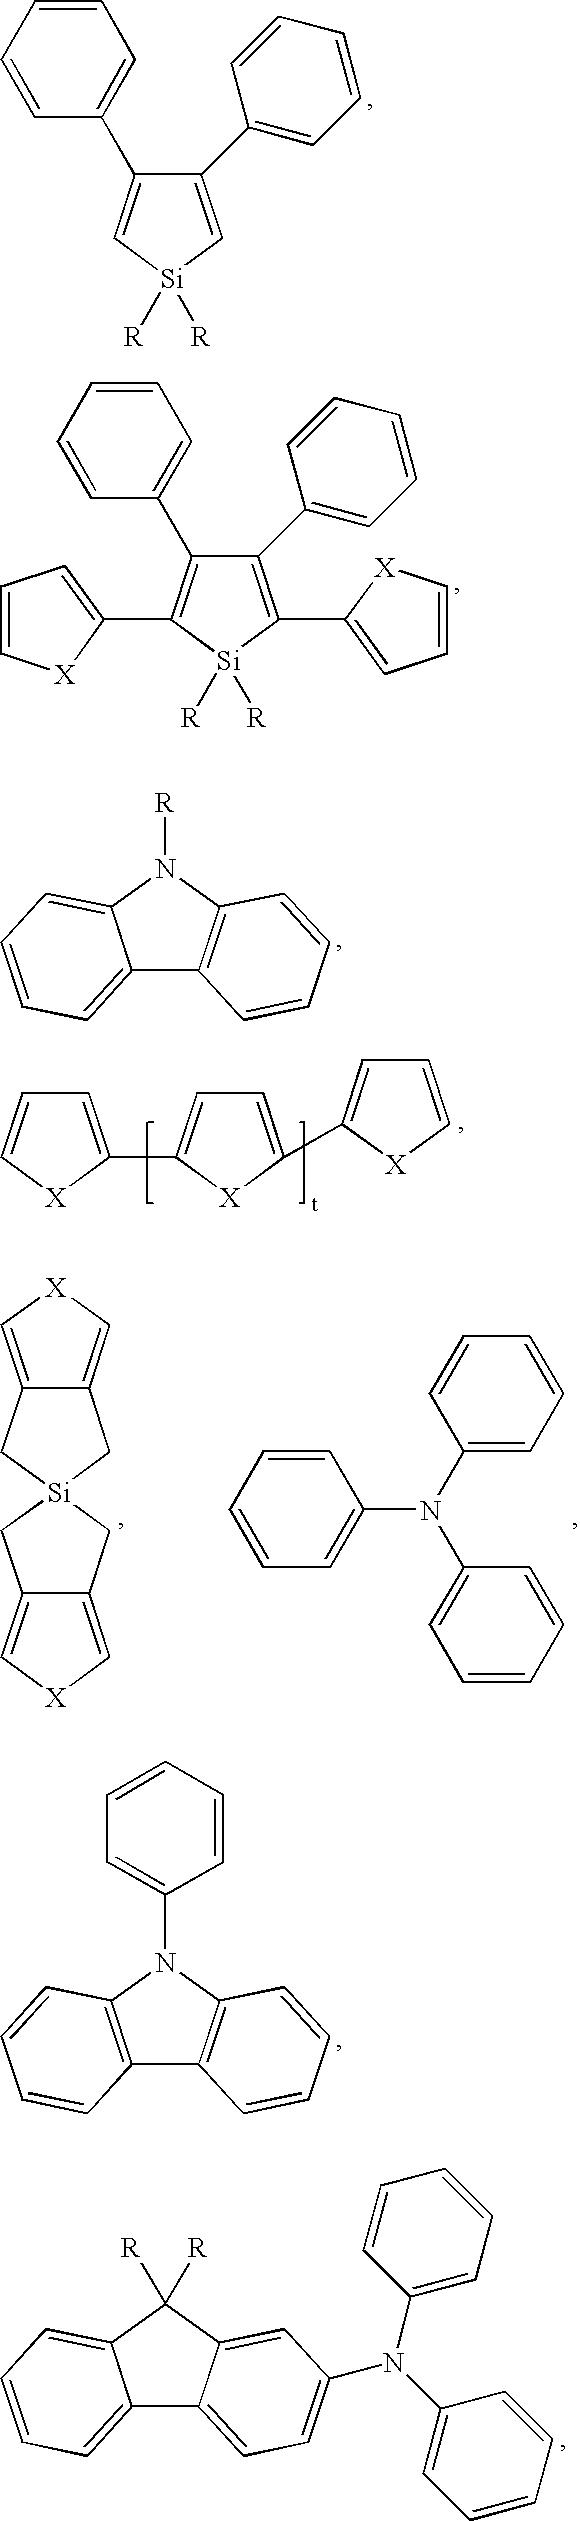 Figure US20070107835A1-20070517-C00079